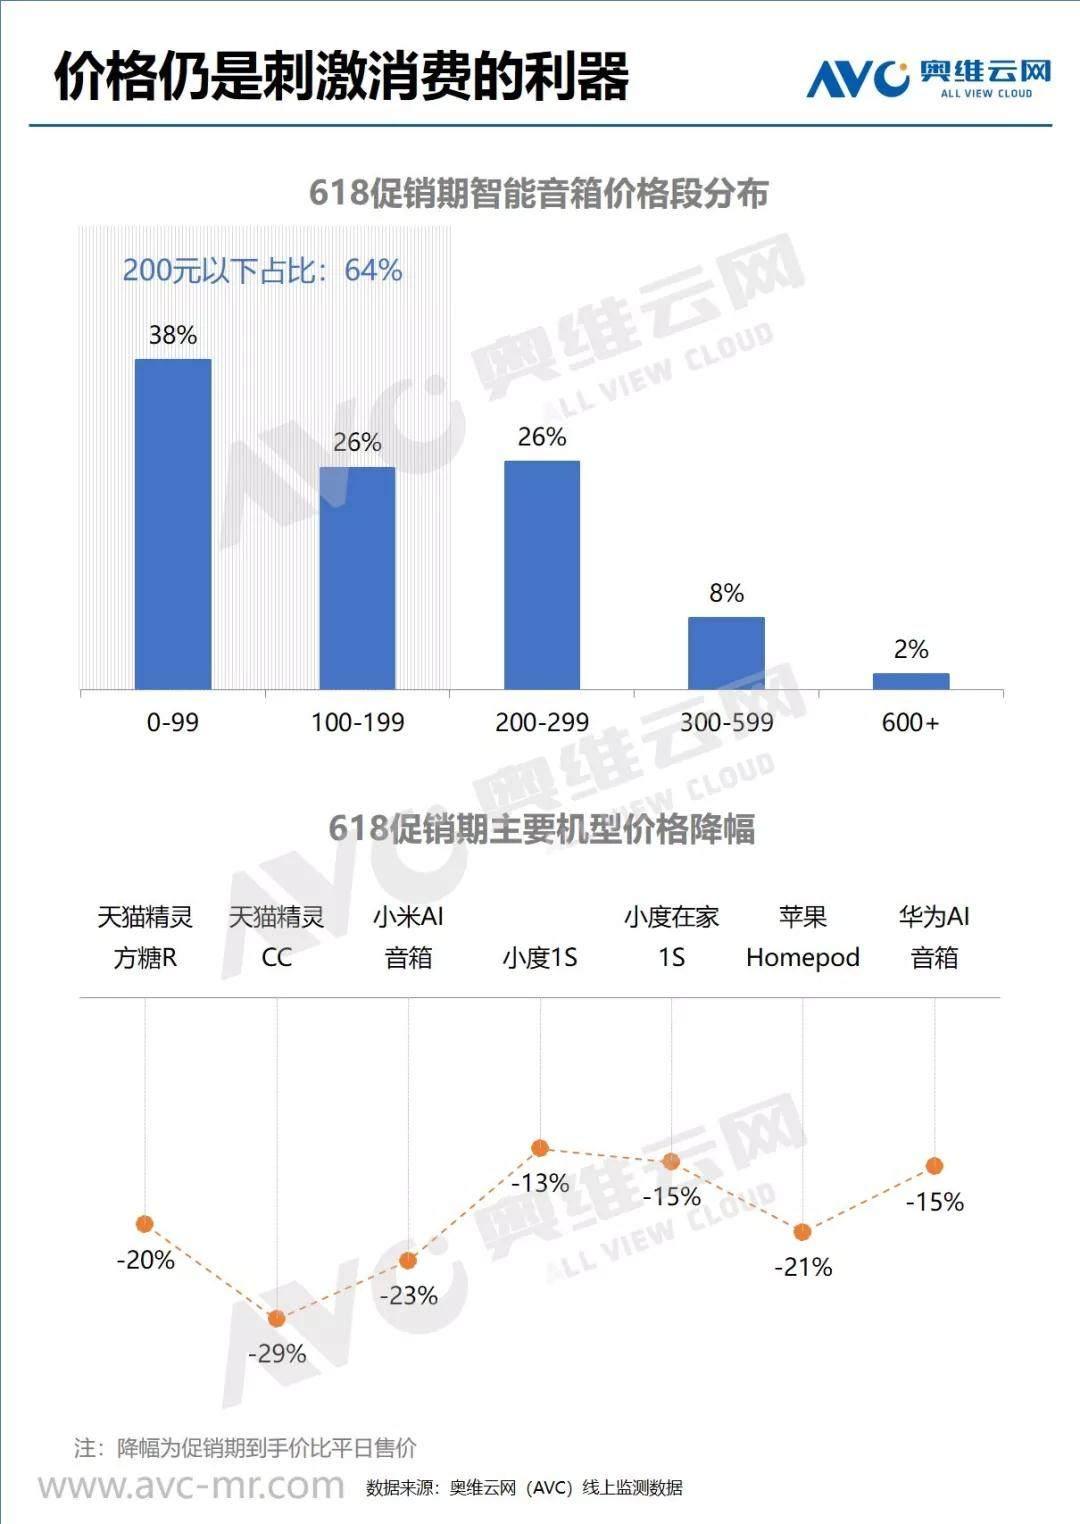 奥维云网发布2019年618智能音箱线上市场总结报告